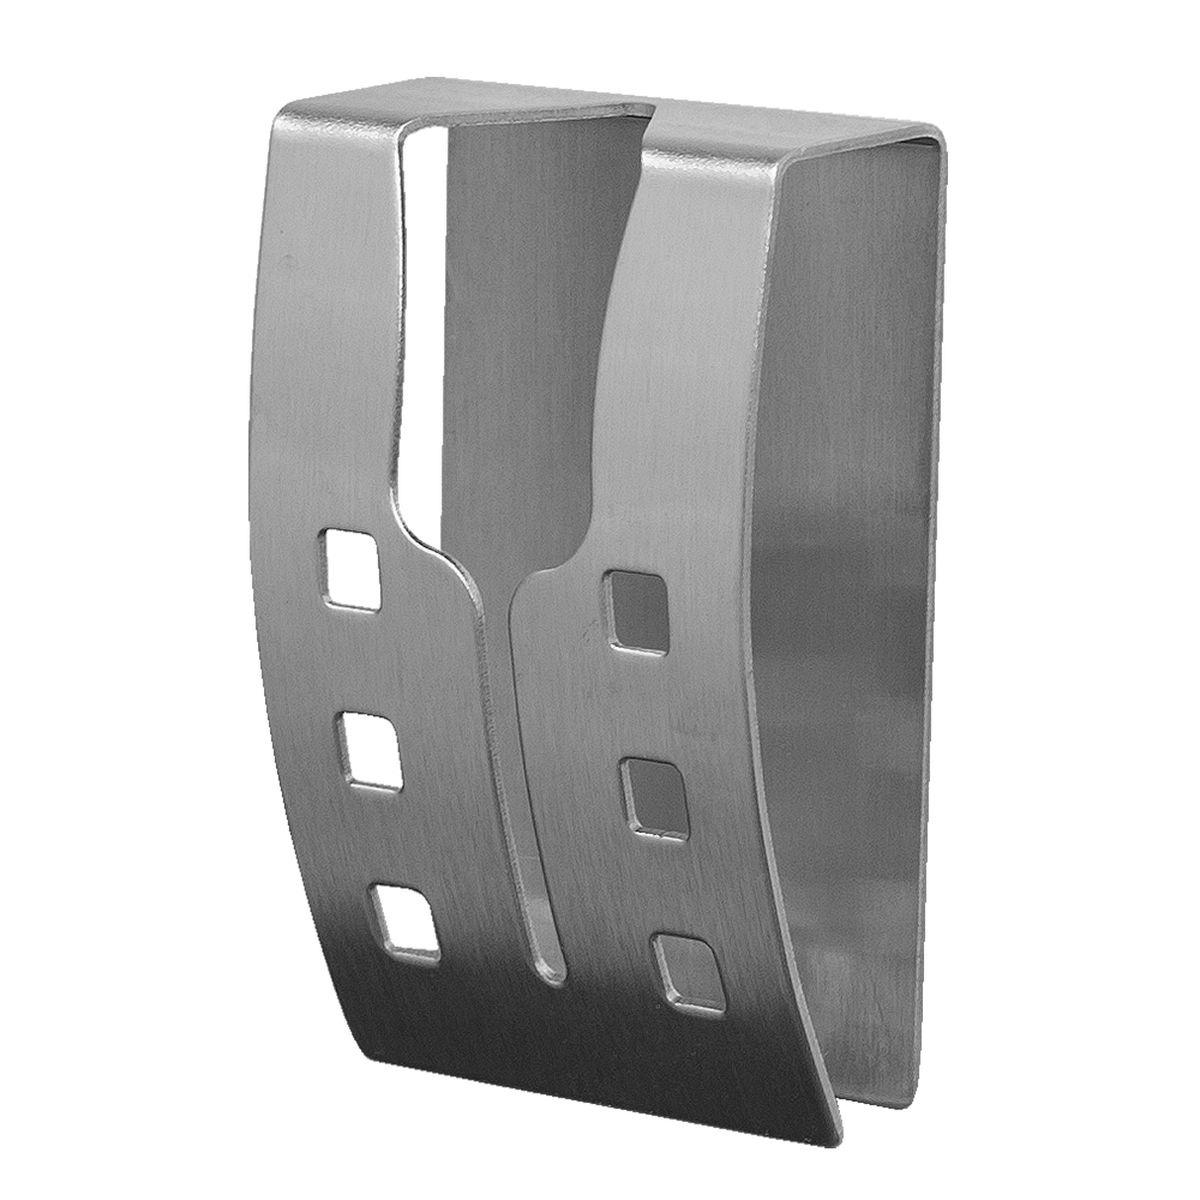 Вешалка самоклеящаяся Tatkraft Emma, для полотенец, 5 х 7,5 х 2 см68/5/3Хромированная самоклеящаяся вешалка для полотенец Tatkraft Emma, изготовлена из нержавеющей стали. Вешалка с современным дизайном не боится влаги, и очень легко крепится к стене. Чтобы зафиксировать вешалку, не нужно сверлить дырки, достаточно снять защитный слой и прочно прижать вешалку к стене. Крепкая, оригинальная вешалка выдерживает вес до 5 кг.Размер вешалки: 5 см х 7,5 см х 2 см.Максимальная нагрузка: 5 кг.